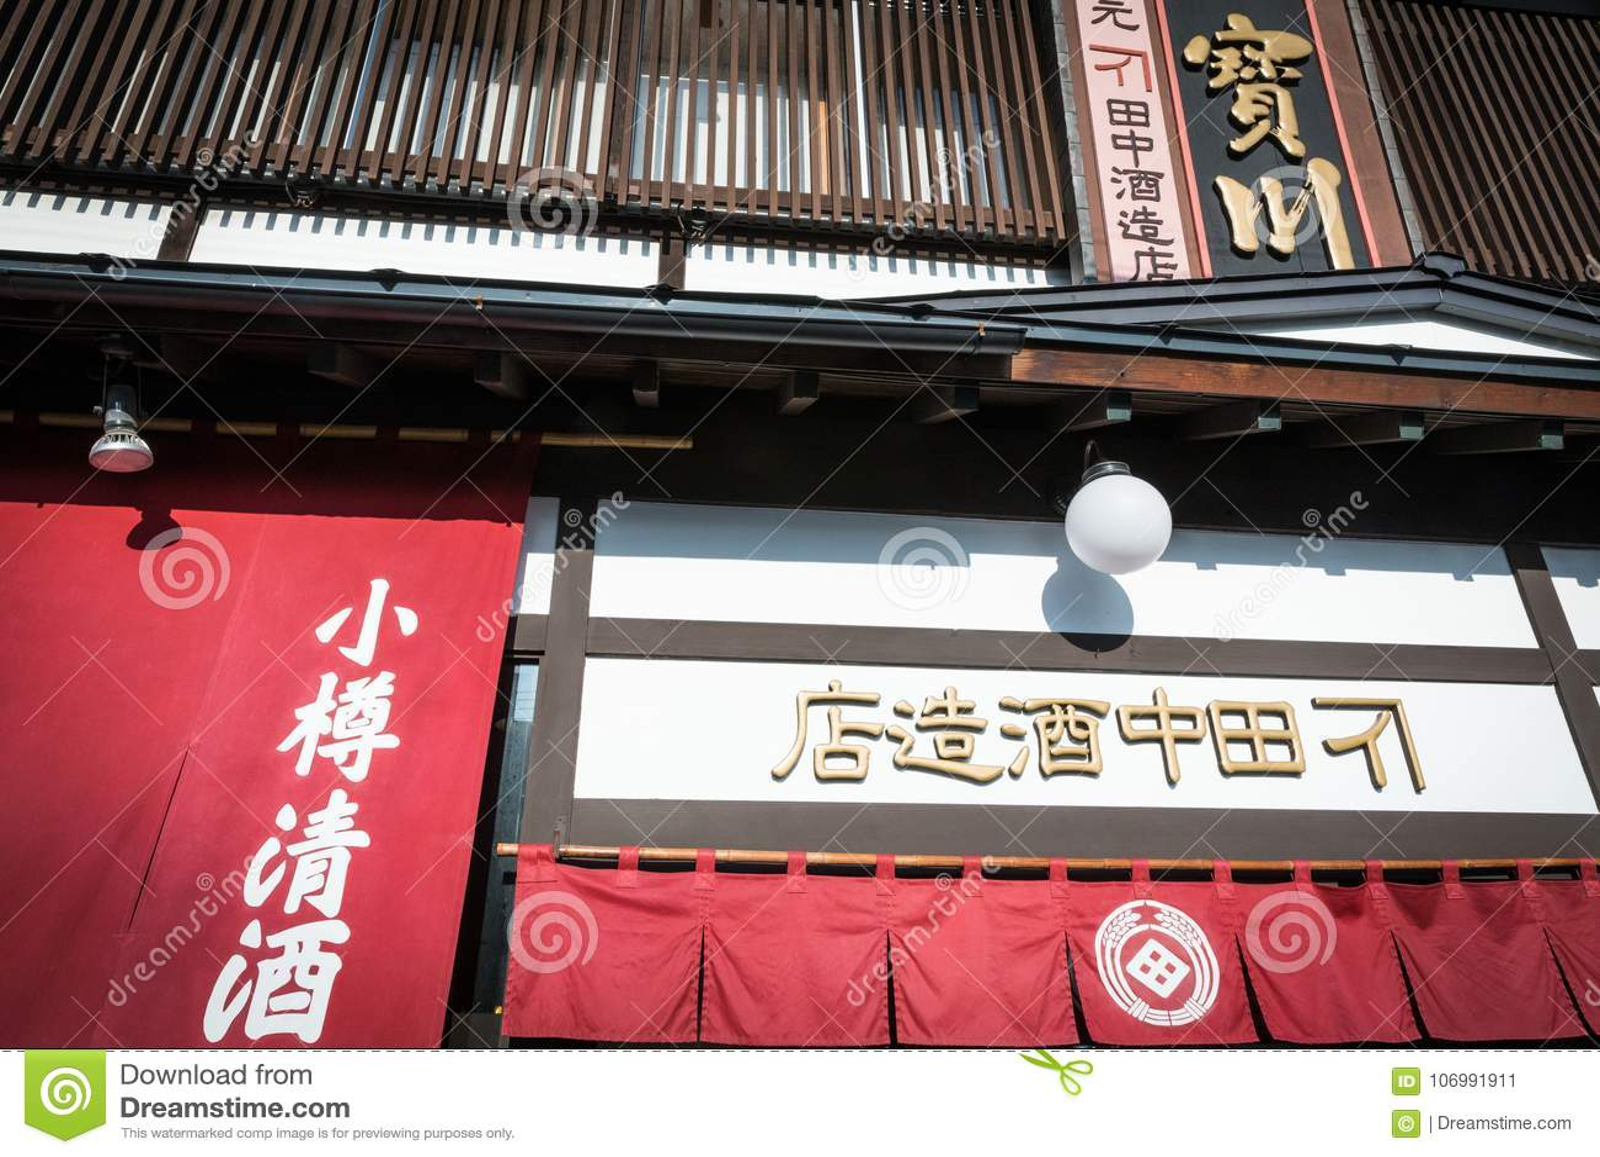 Tanaka Shuzo Head Store